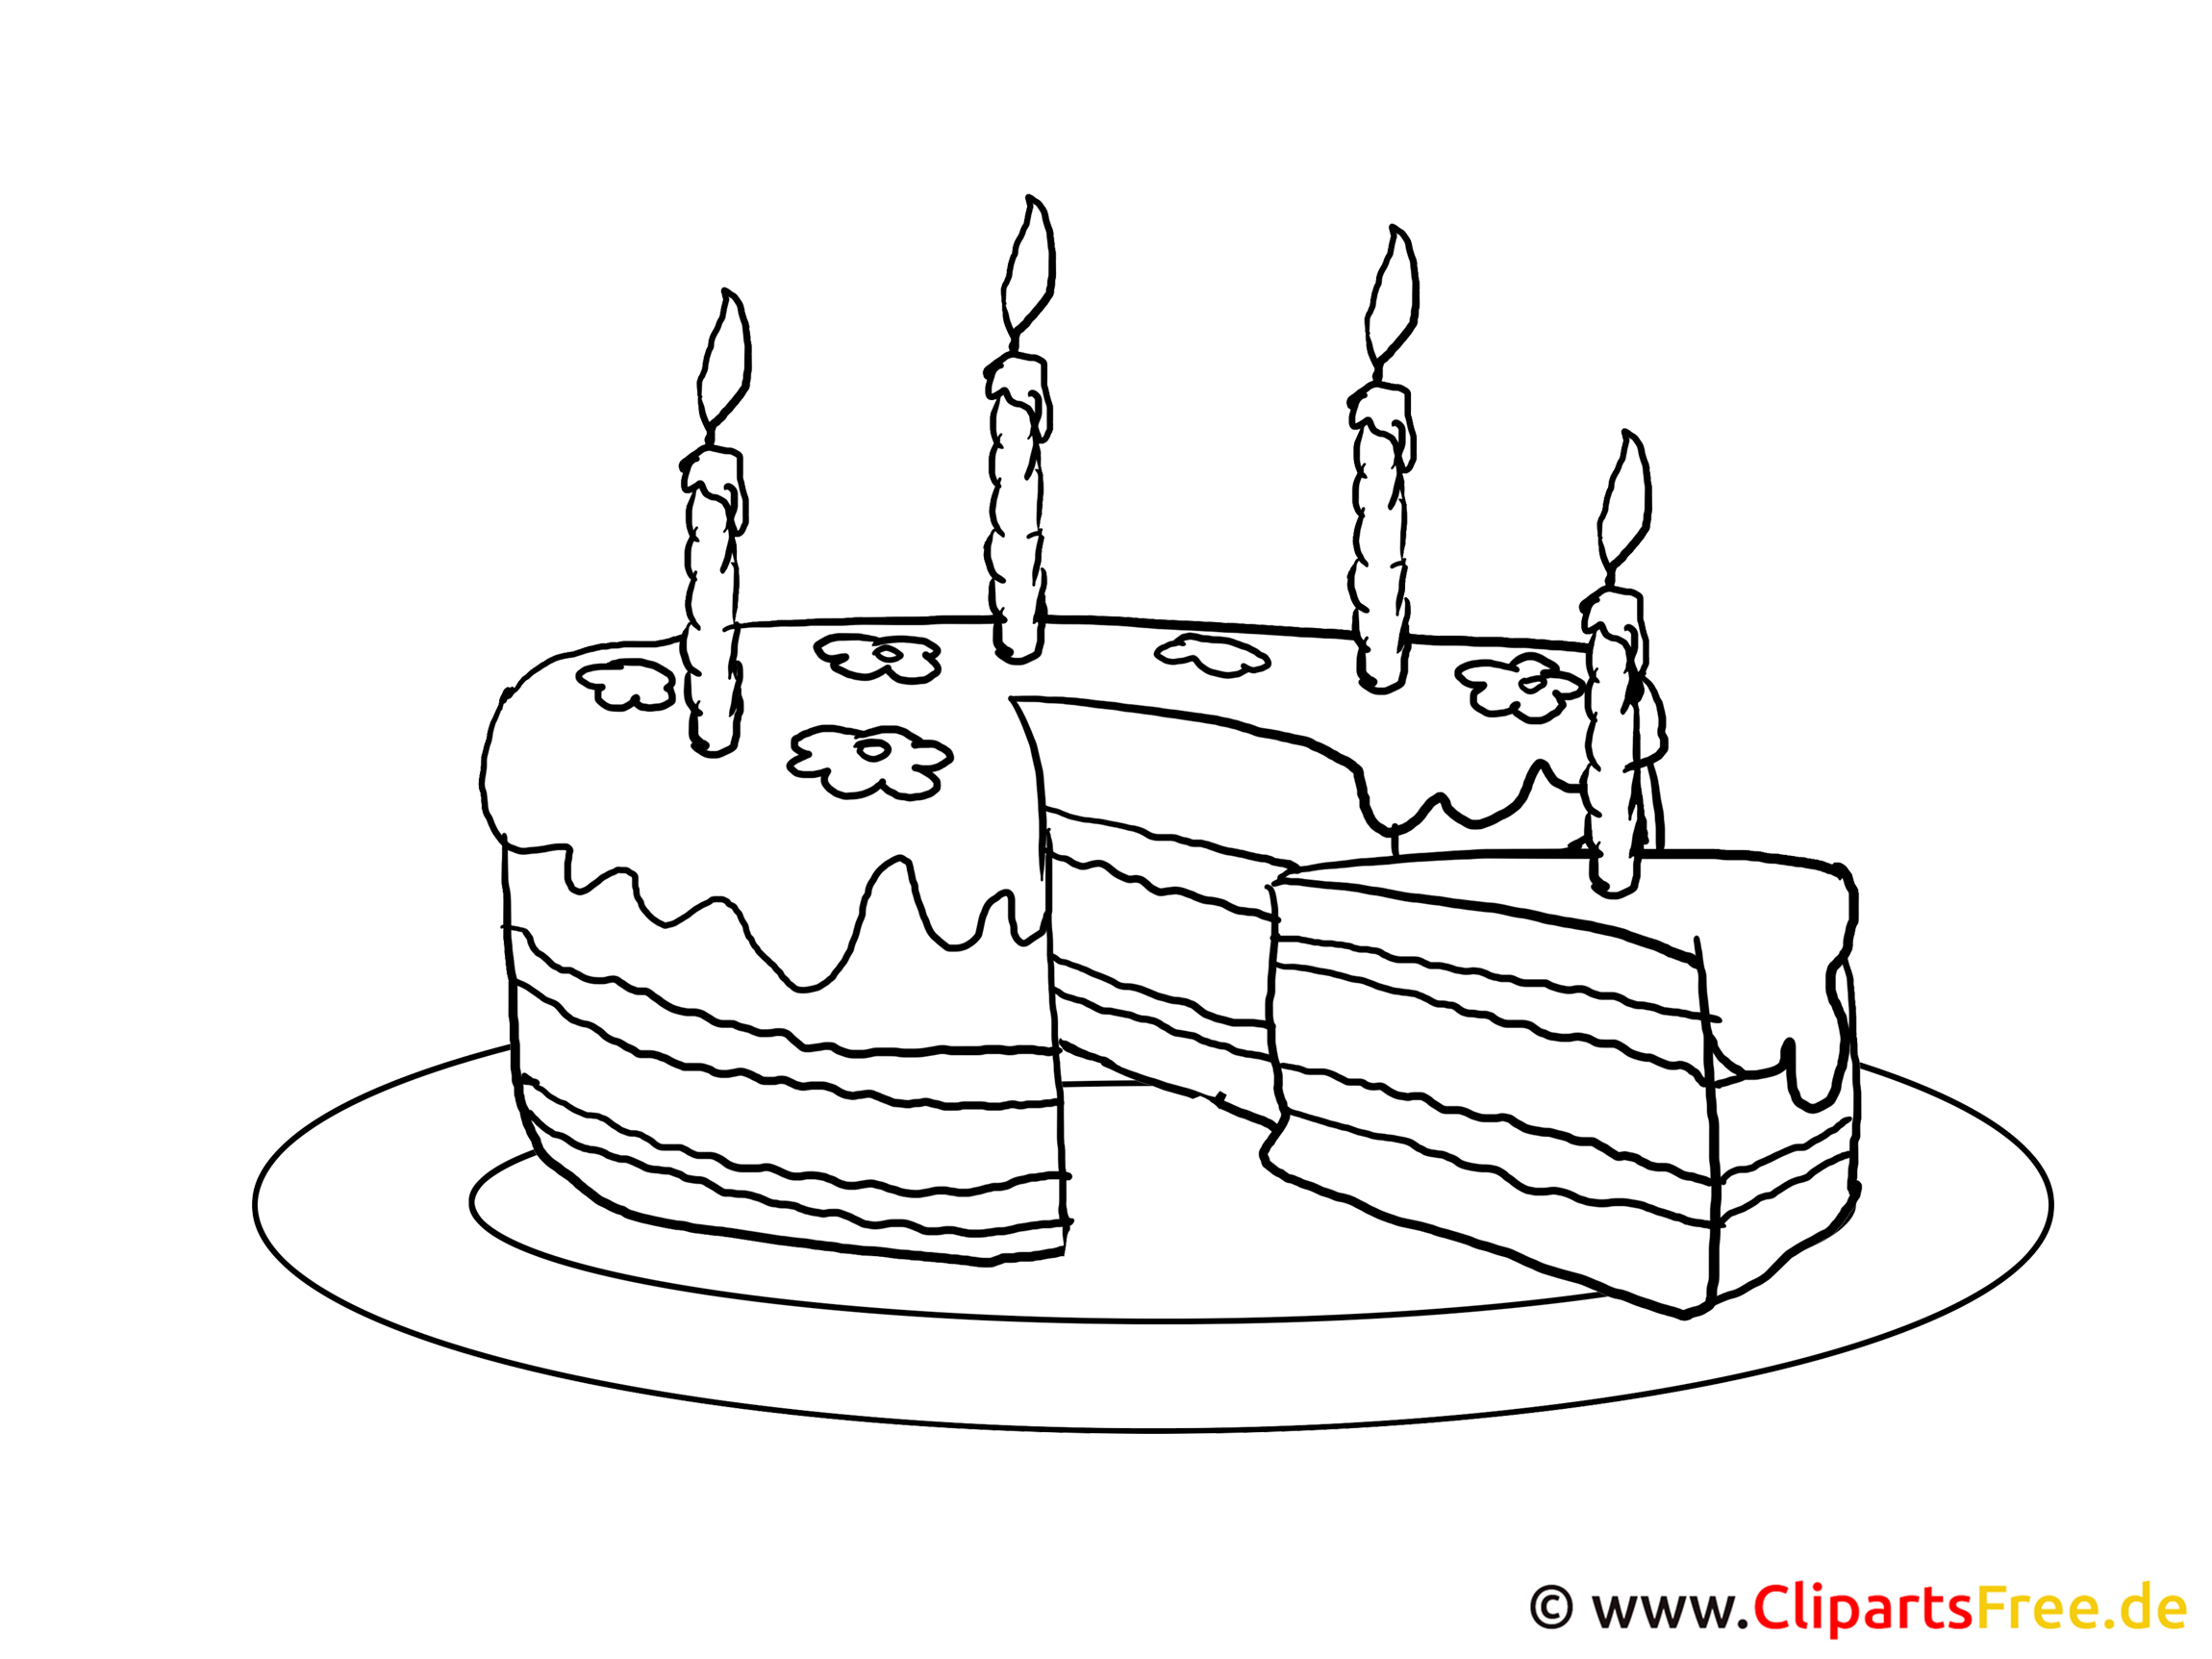 Cliparts Kostenlos Geburtstagskuchen